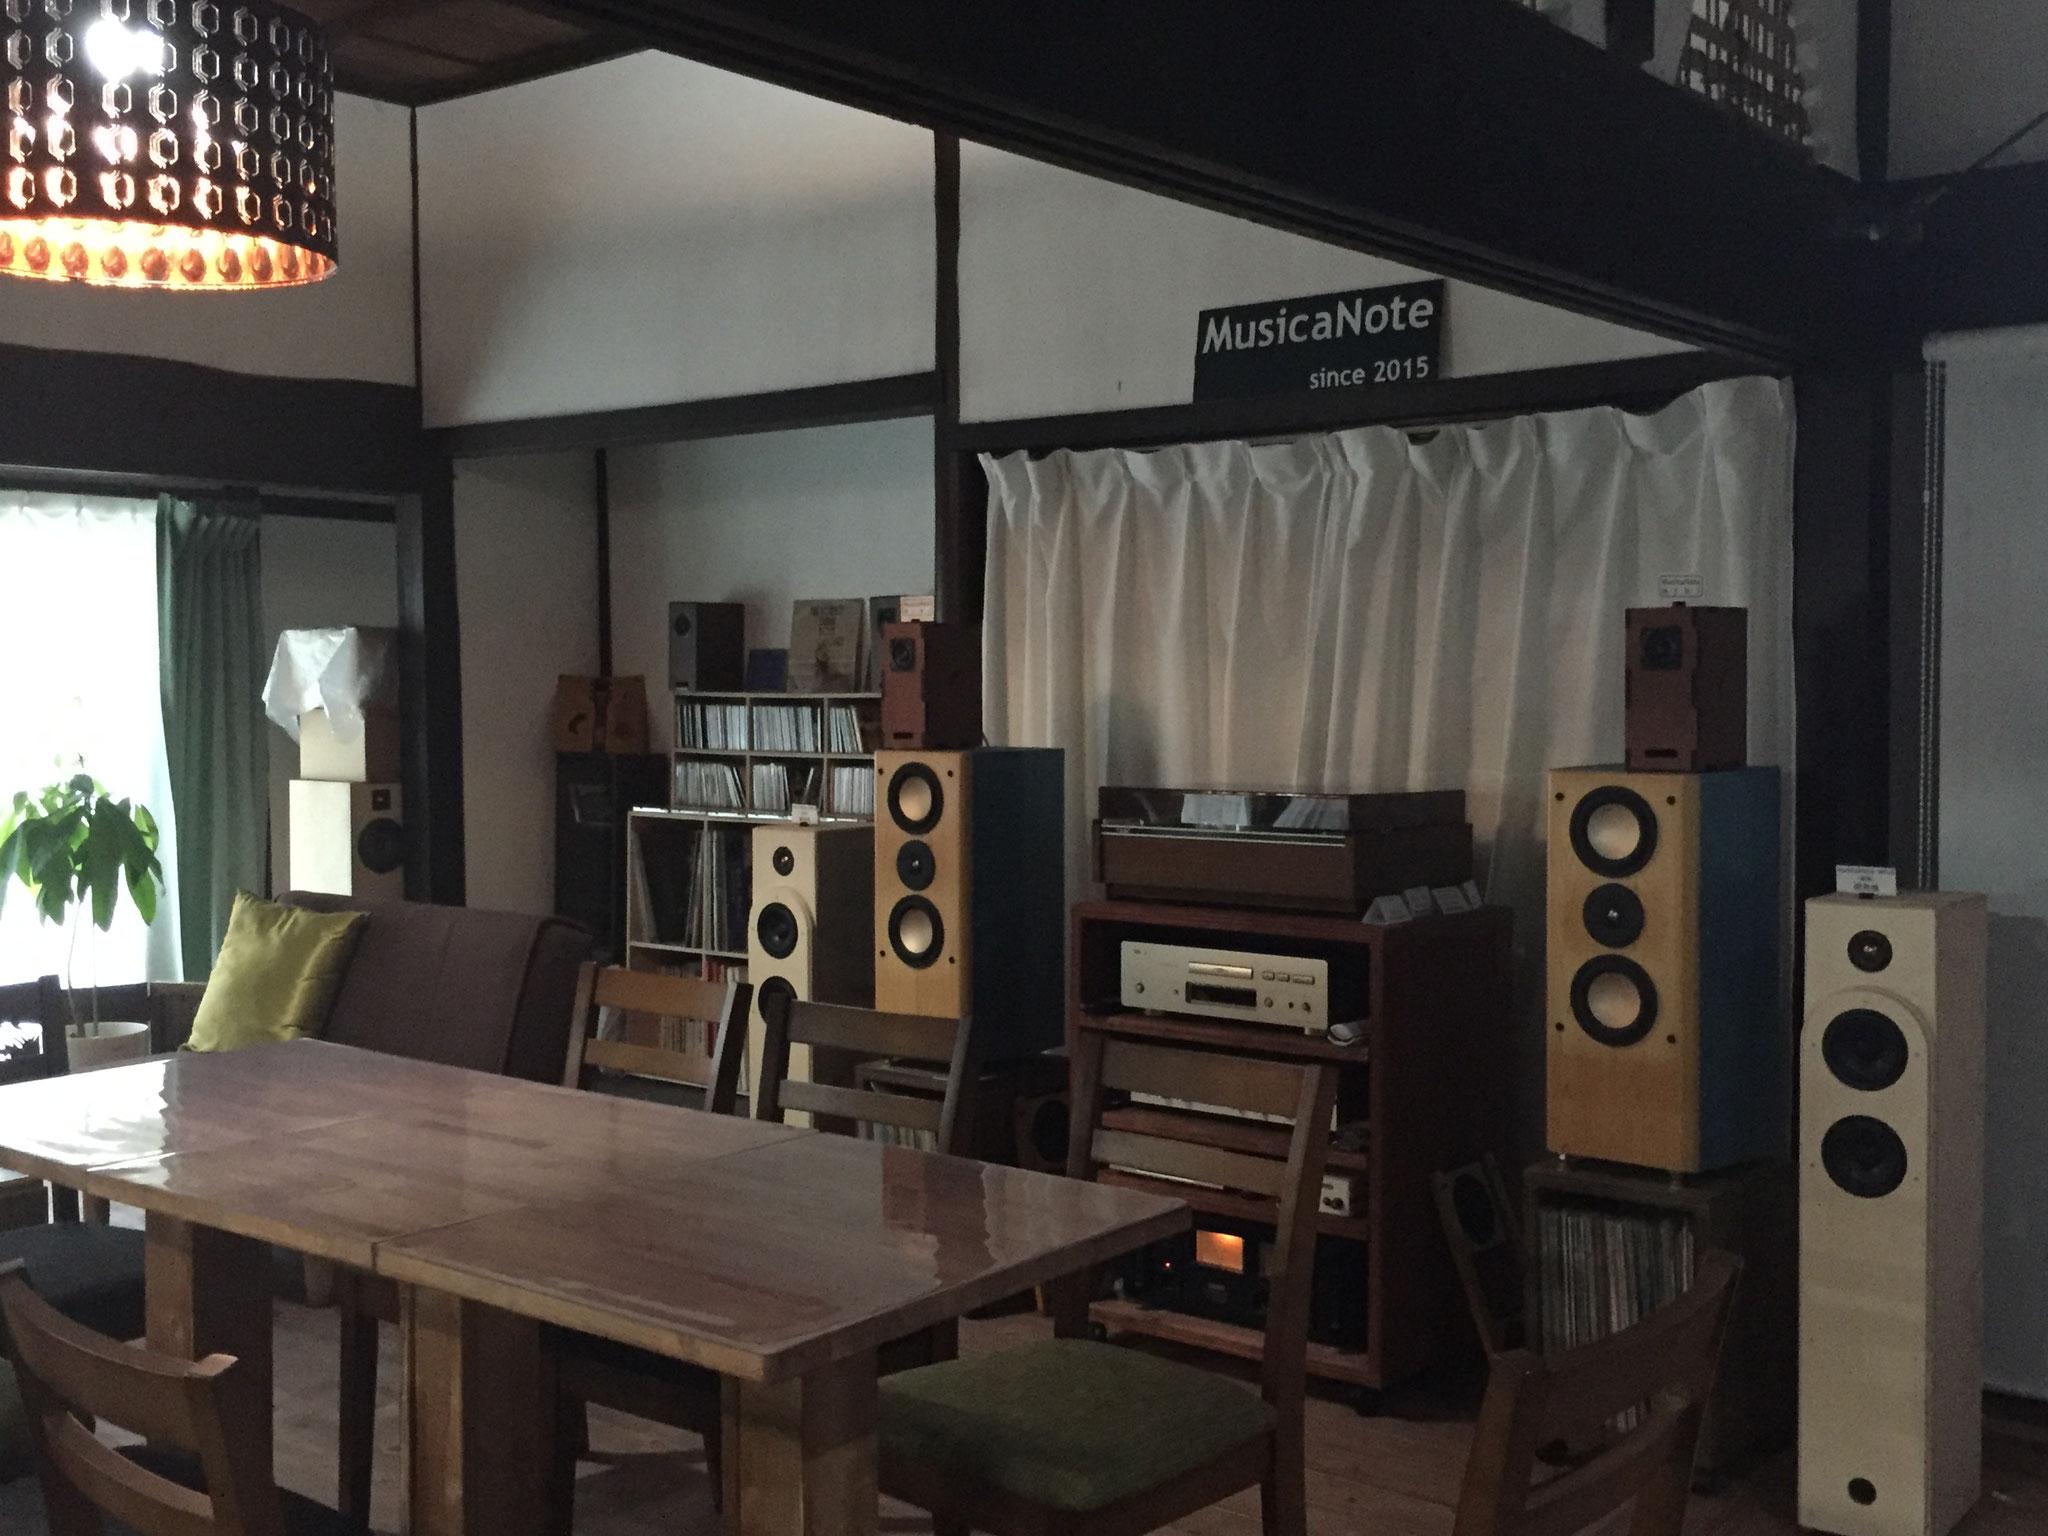 製品の試聴はもちろん、高音質オーディオで音楽を楽しみながら喫茶